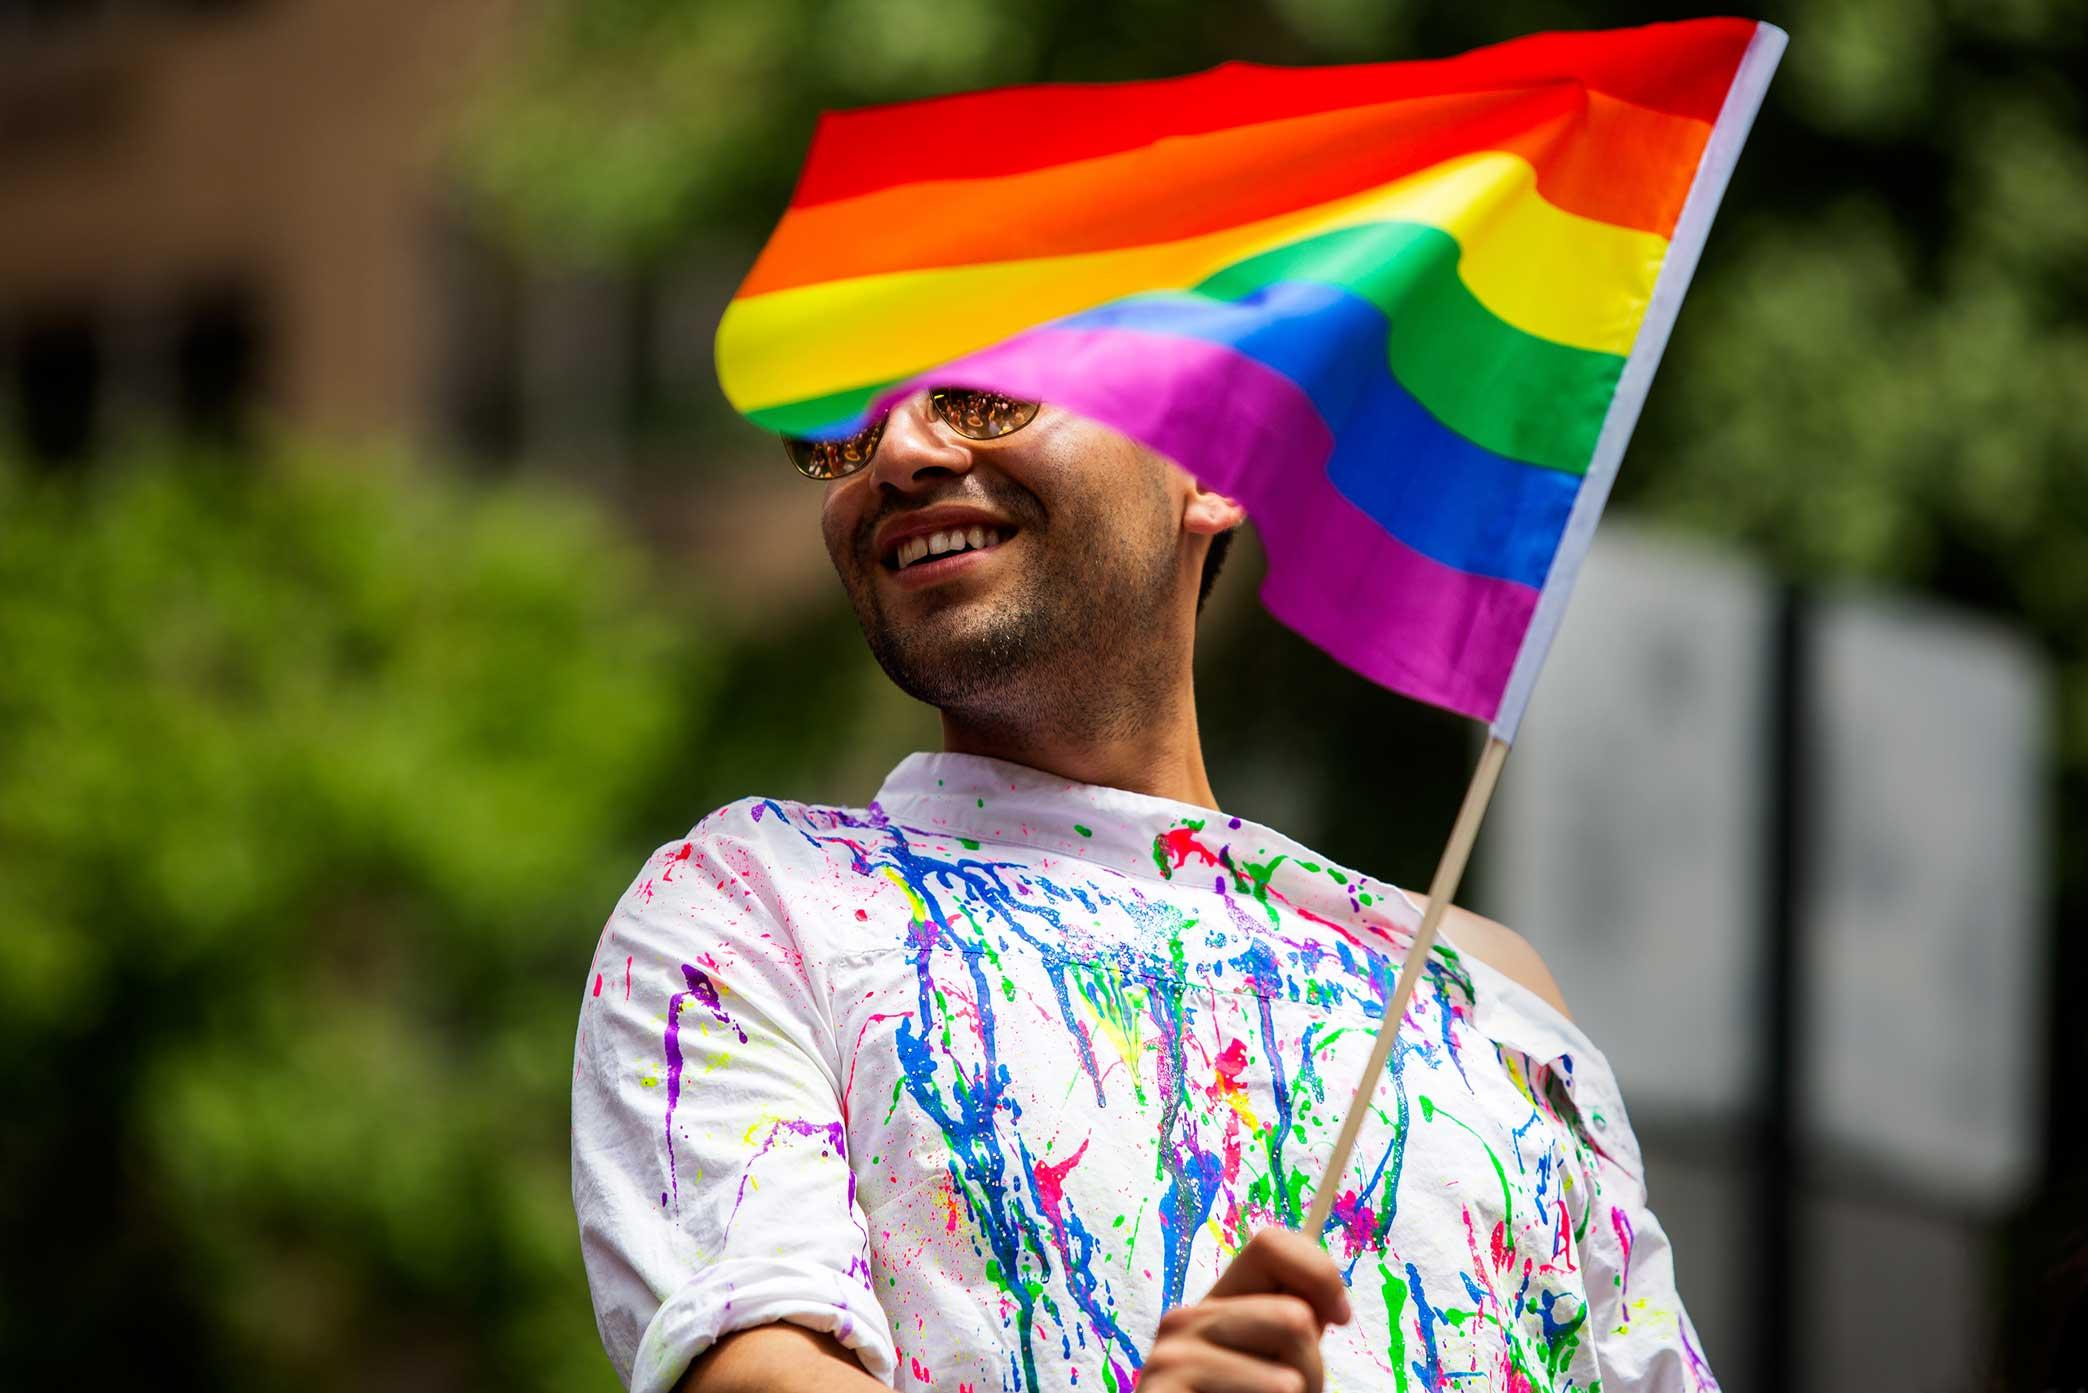 Joy & Pride.